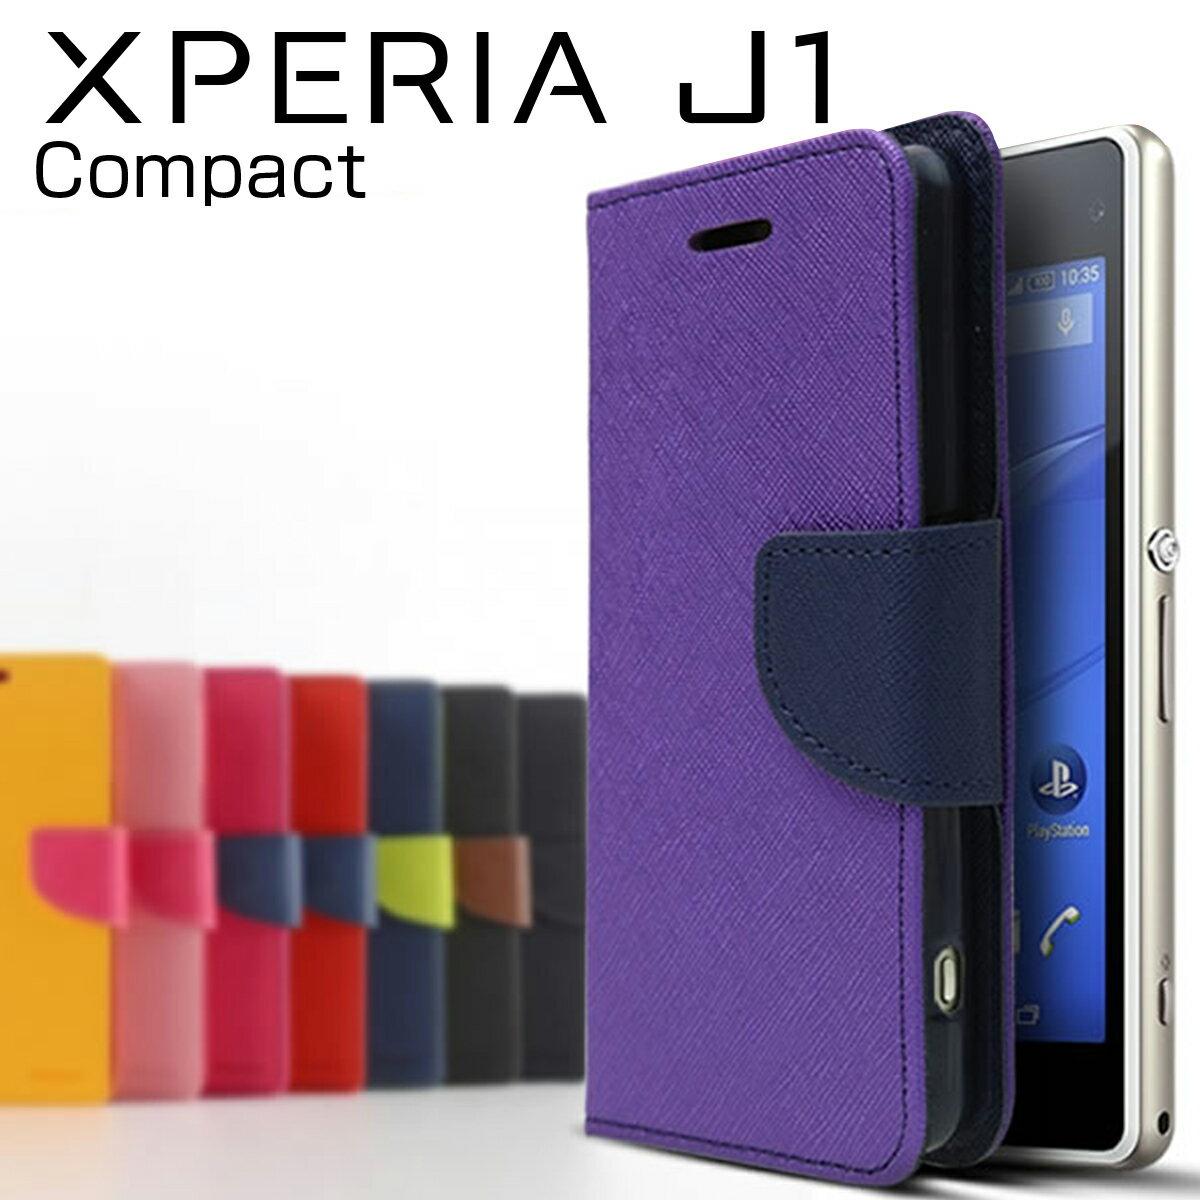 エクスペリアJ1コンパクト XperiaJ1Compact コンビネーション カラー 手帳型ケース|ケース スマホケース カバー 携帯ケース 手帳型 アンドロイド スマホカバー スマフォケース 手帳ケース シンプル スマートホンケース スタンド スマフォ カードポケット スマホ手帳型ケース